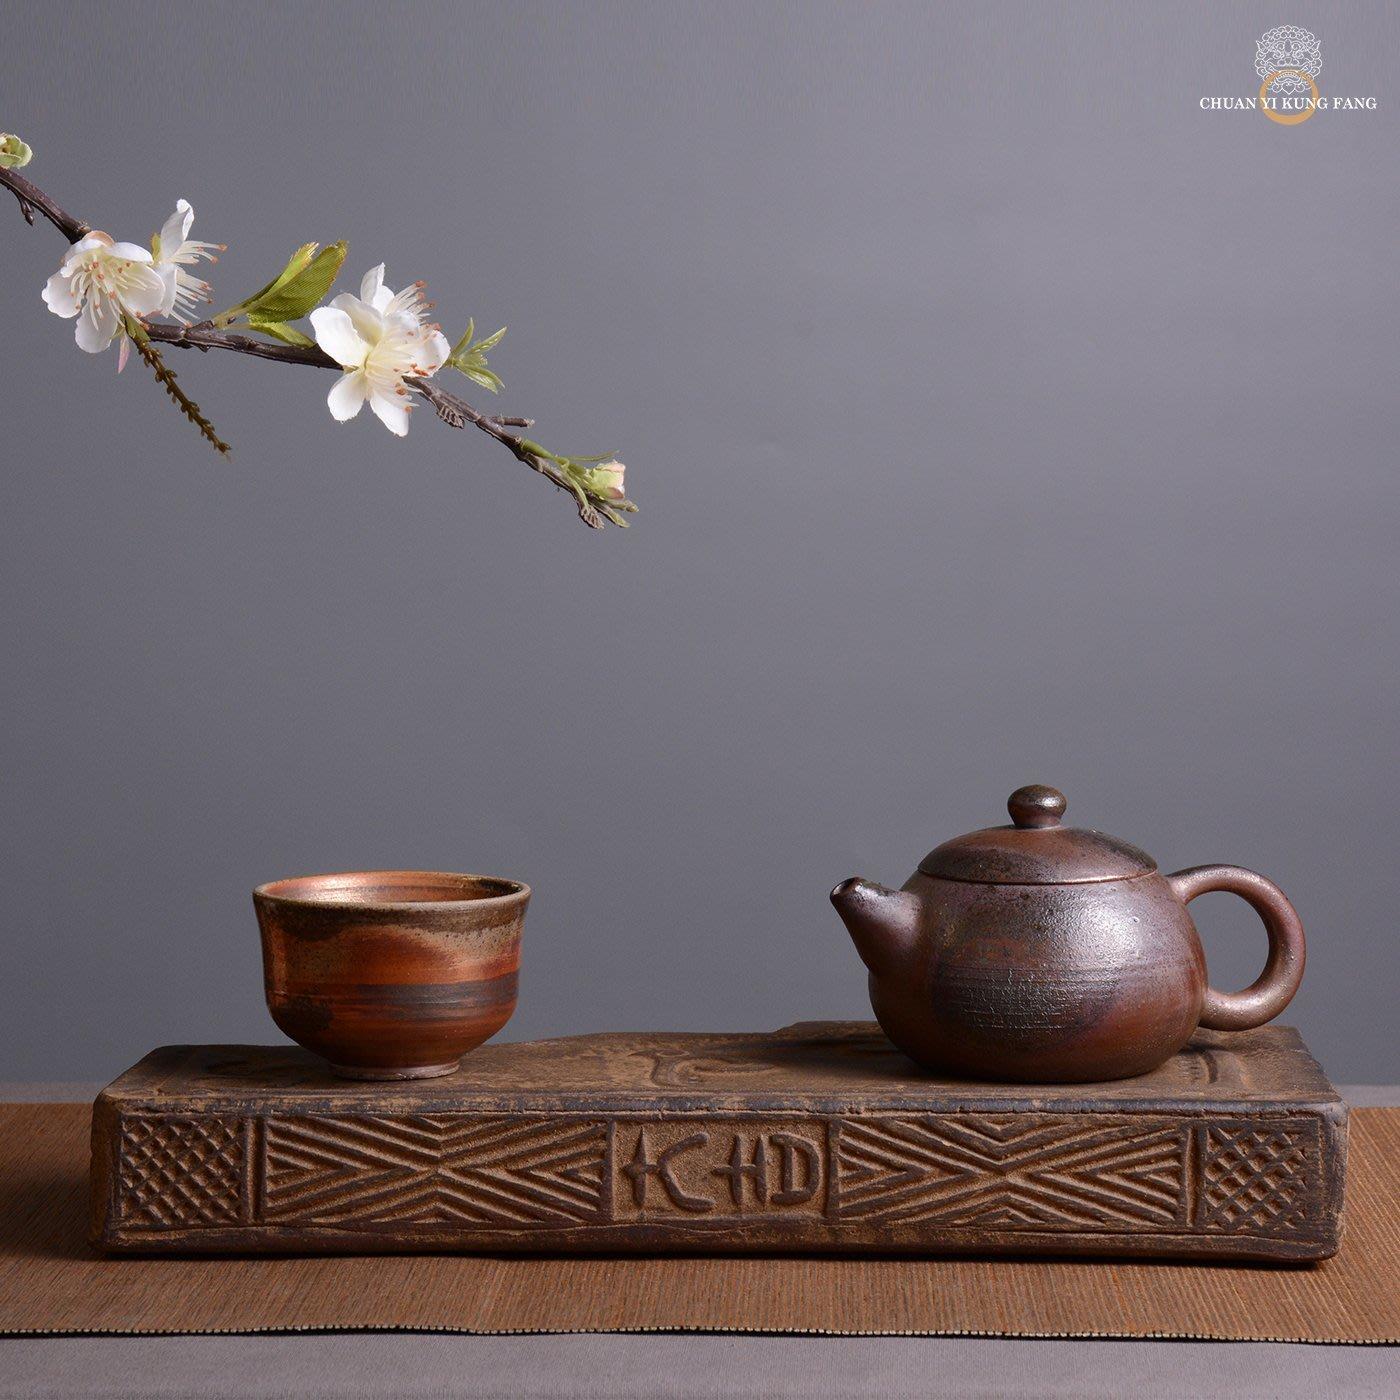 傳藝工坊 - 『漢磚茶盤』 台灣粗陶 茶盤 茶桌 茶船 壺承 紫砂 柴燒 志野 常滑燒 可參考